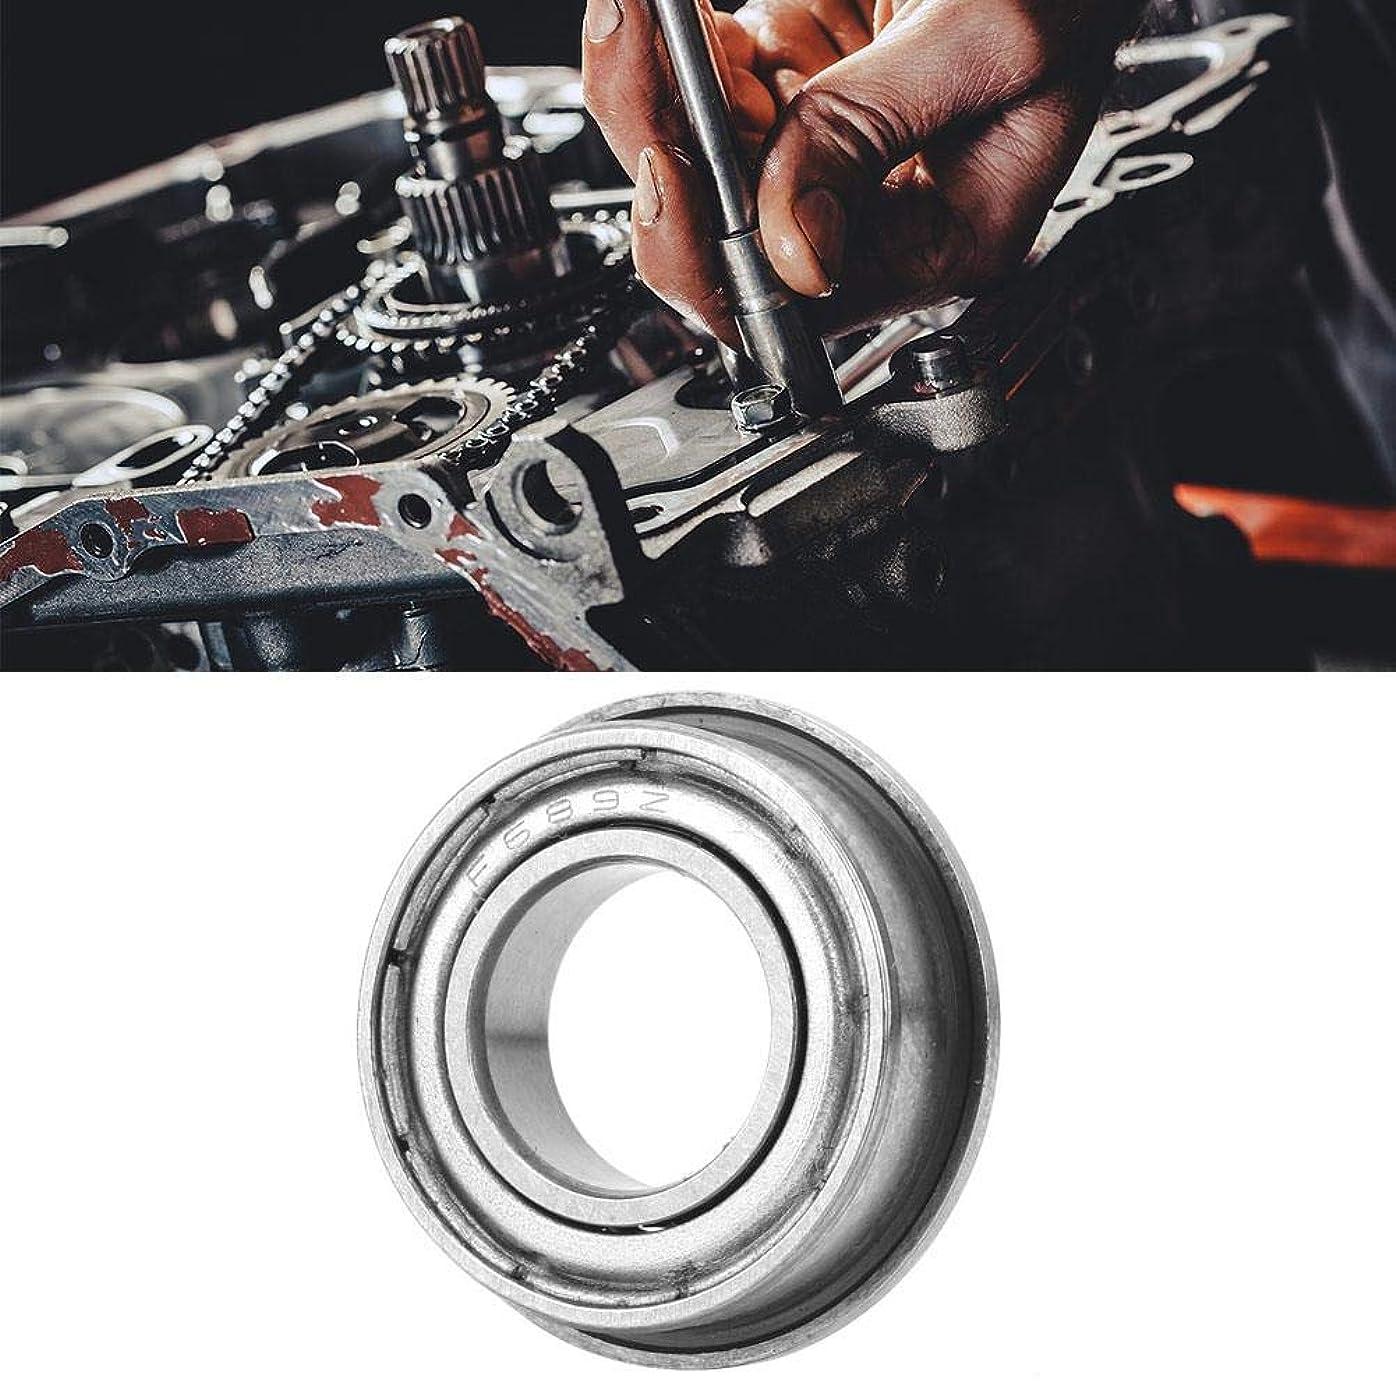 恐れる控えめなでるフランジF687-ZZ / F689-ZZ単列ベアリング鋼両面シール玉軸受、深溝両面軸受、電動機用3Dプリンター(F689ZZ)